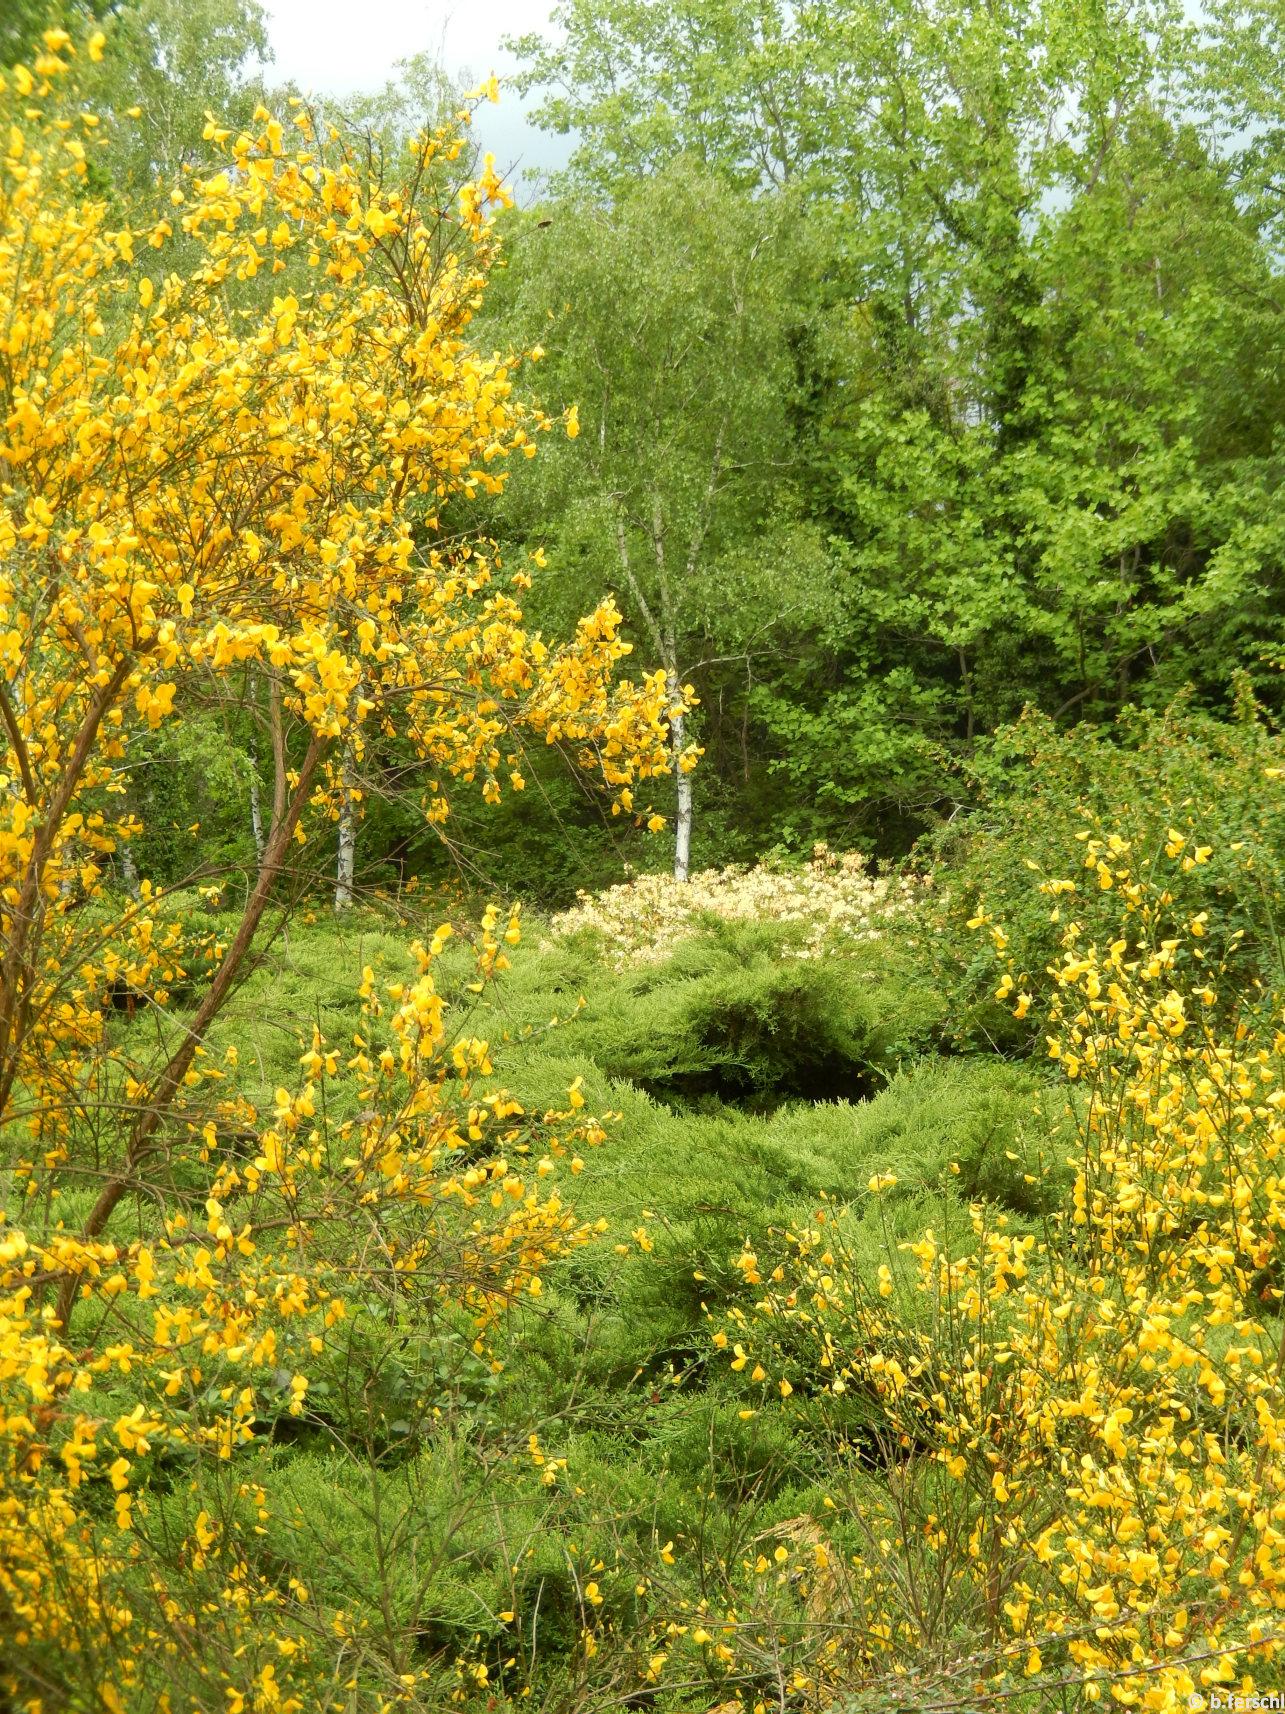 A havasszépék mellett zanótok is bőven ontják sárga virágaikat májusban